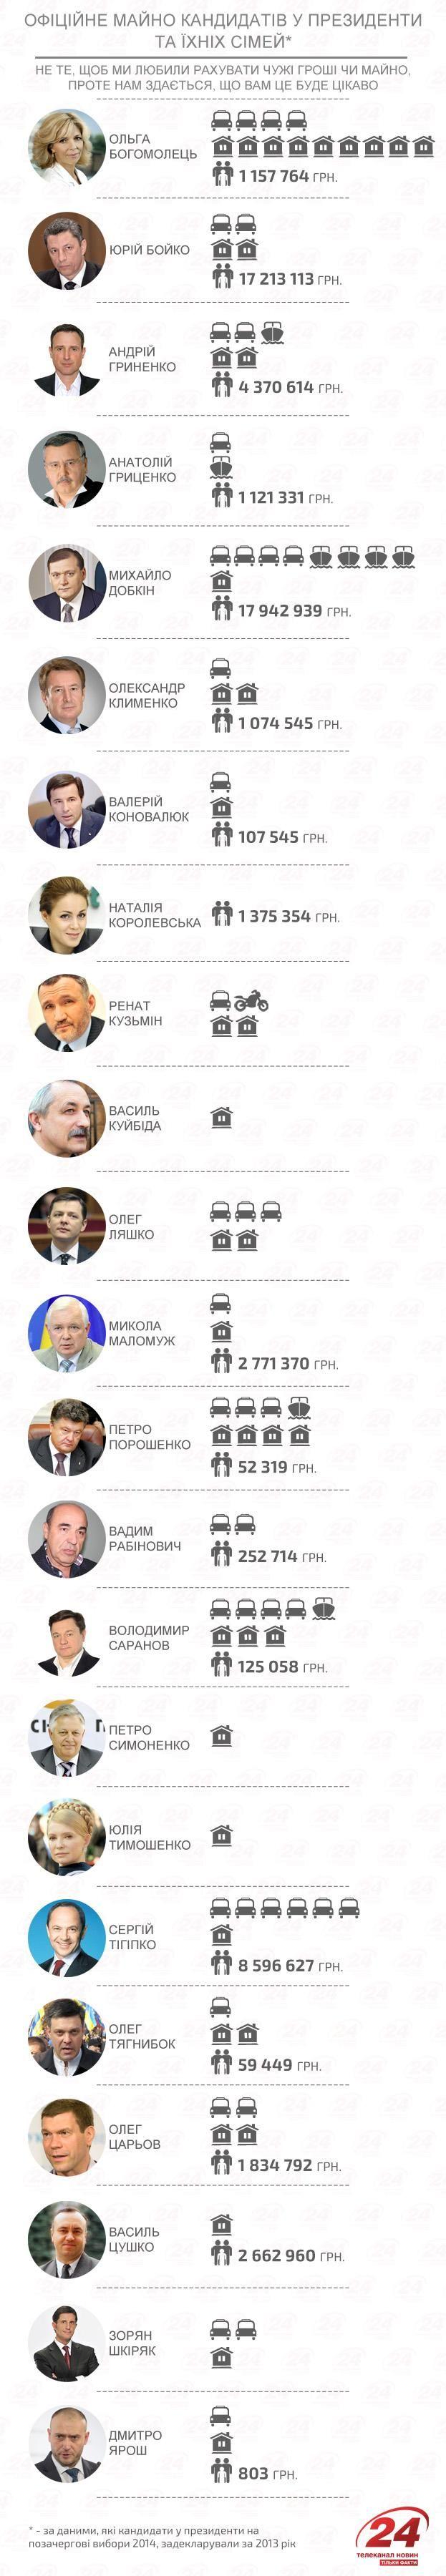 Що нажили наші кандидати у президенти